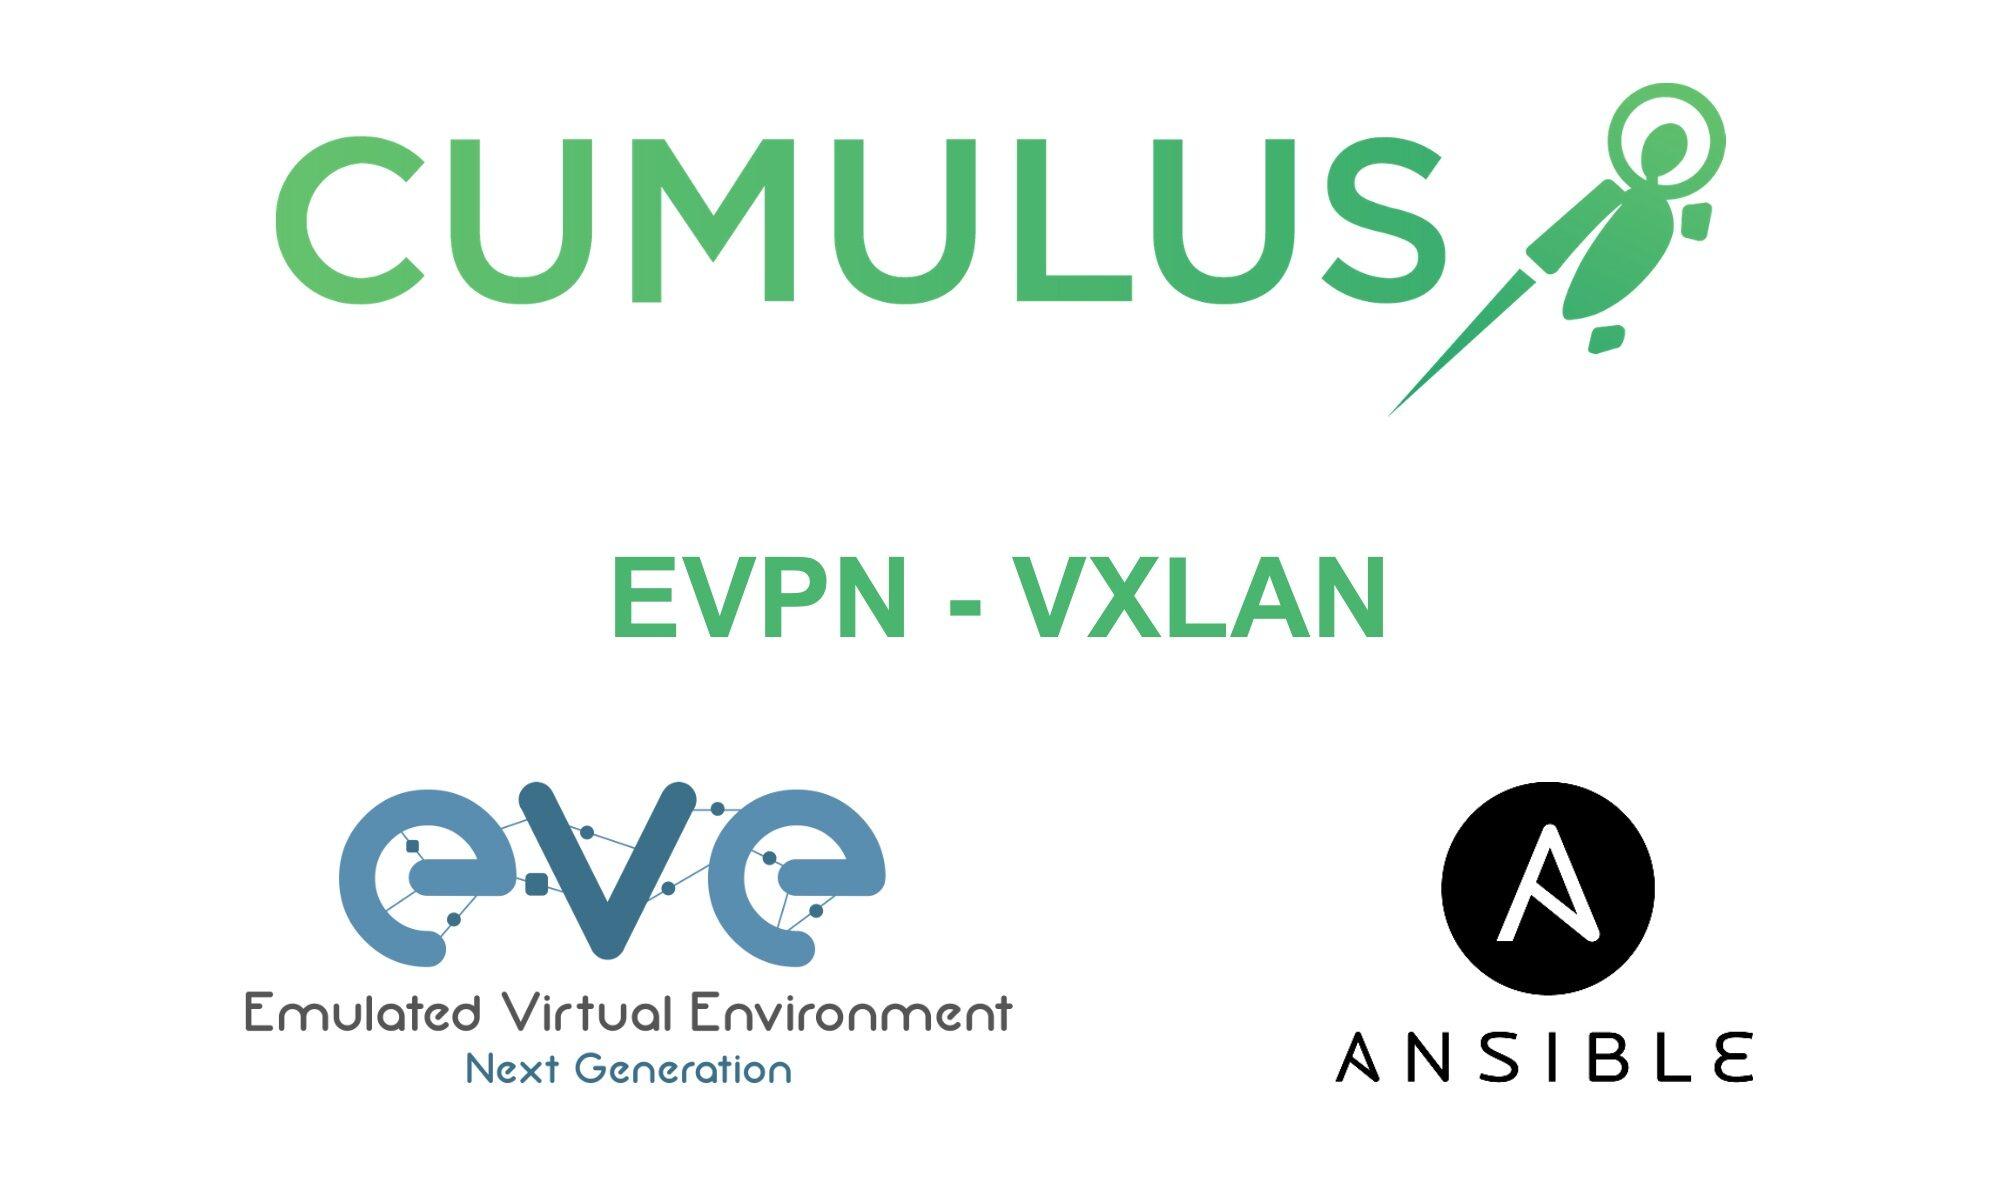 Cumulus EVPN-VXLAN